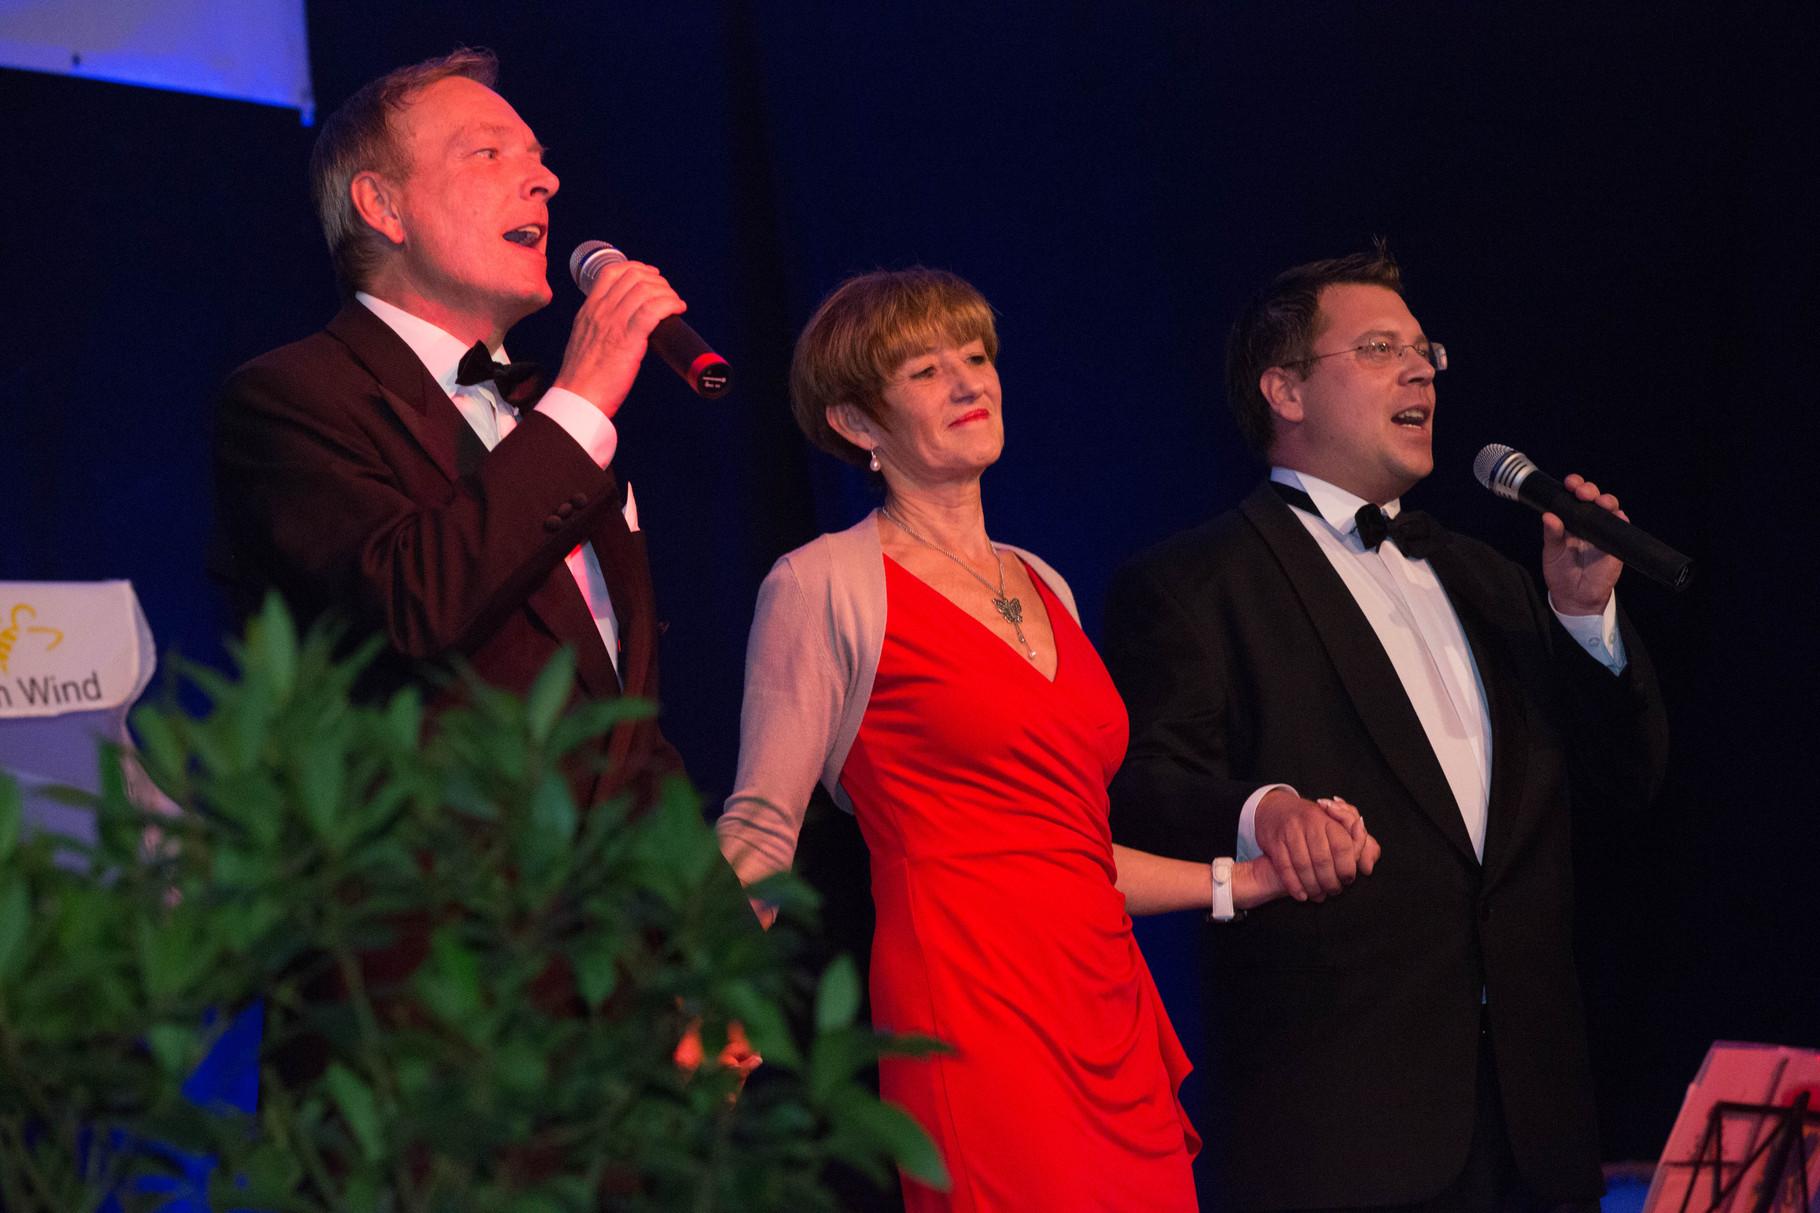 Ursula Bouffier tanzt mit Michael Hofmann und Frank Füglein